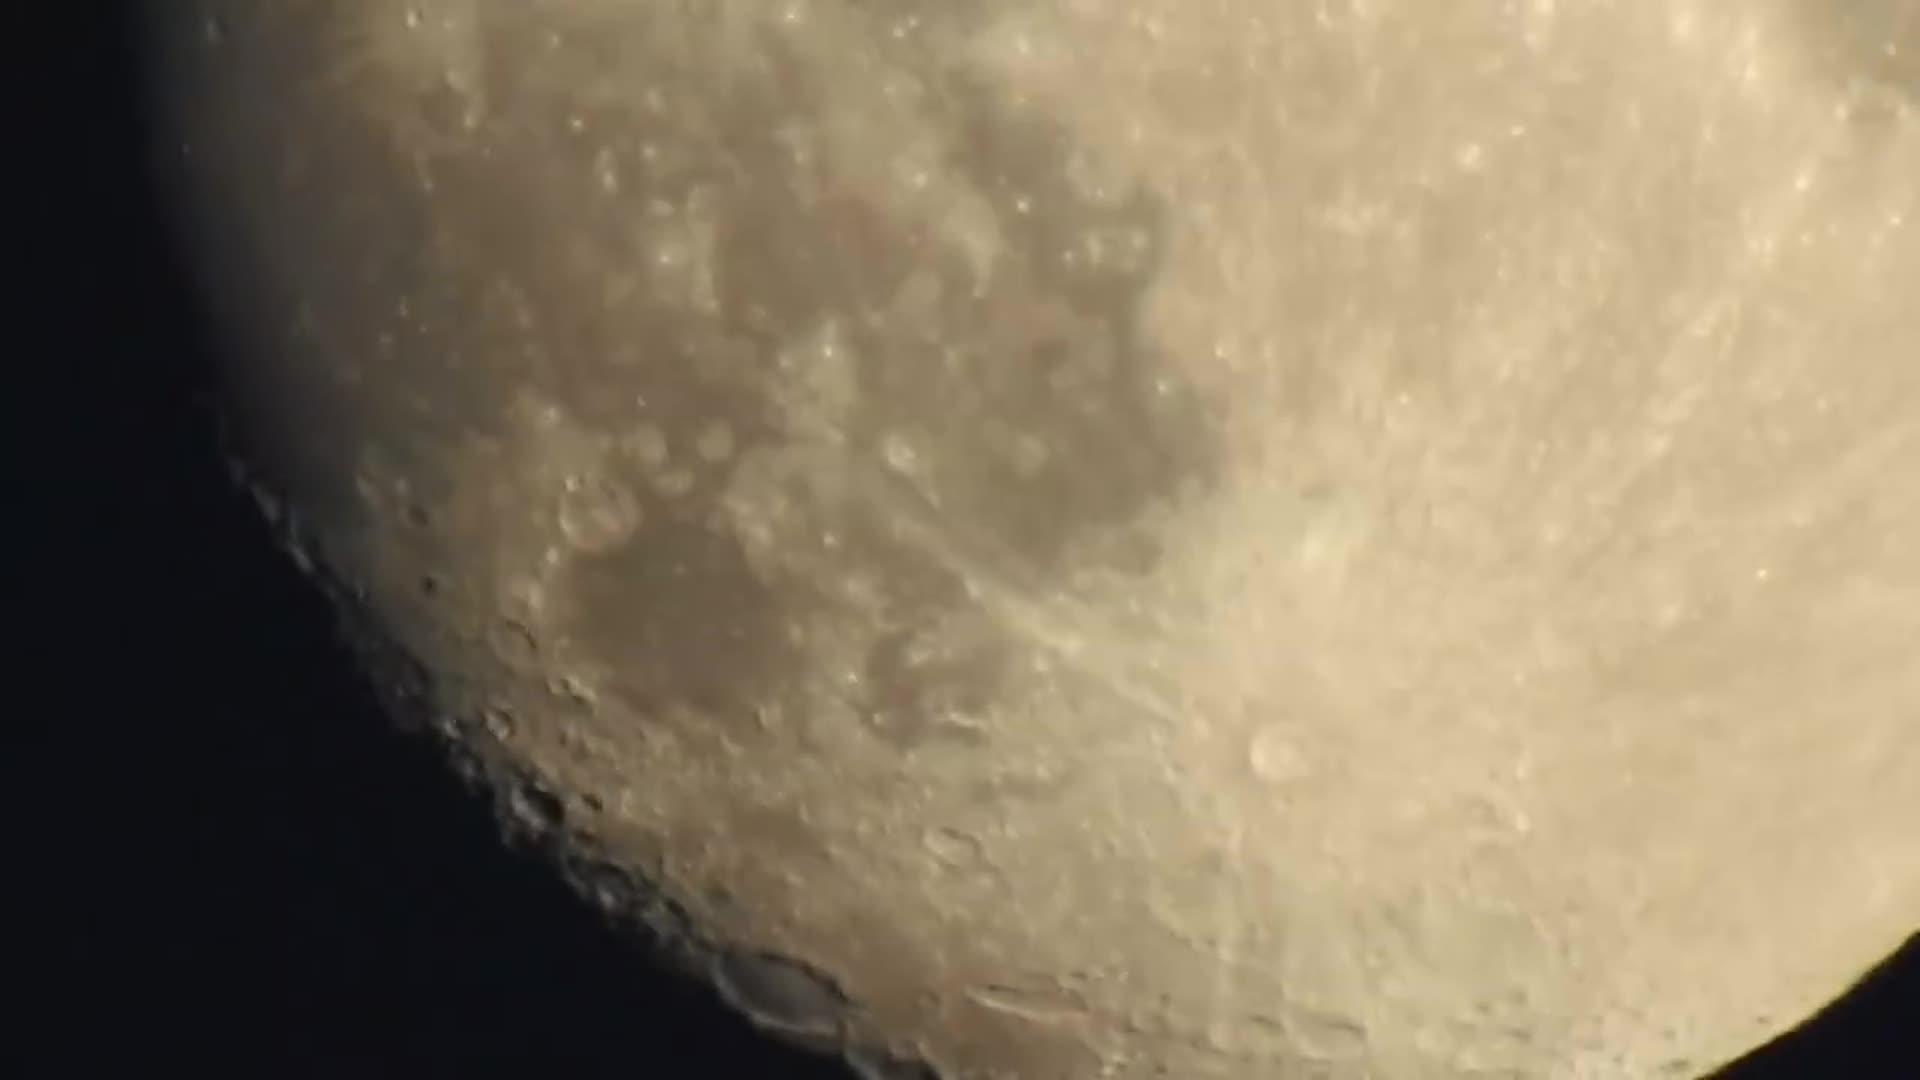 боль работа с цифровым фотоаппаратом ночная съемка луны много баночек, также